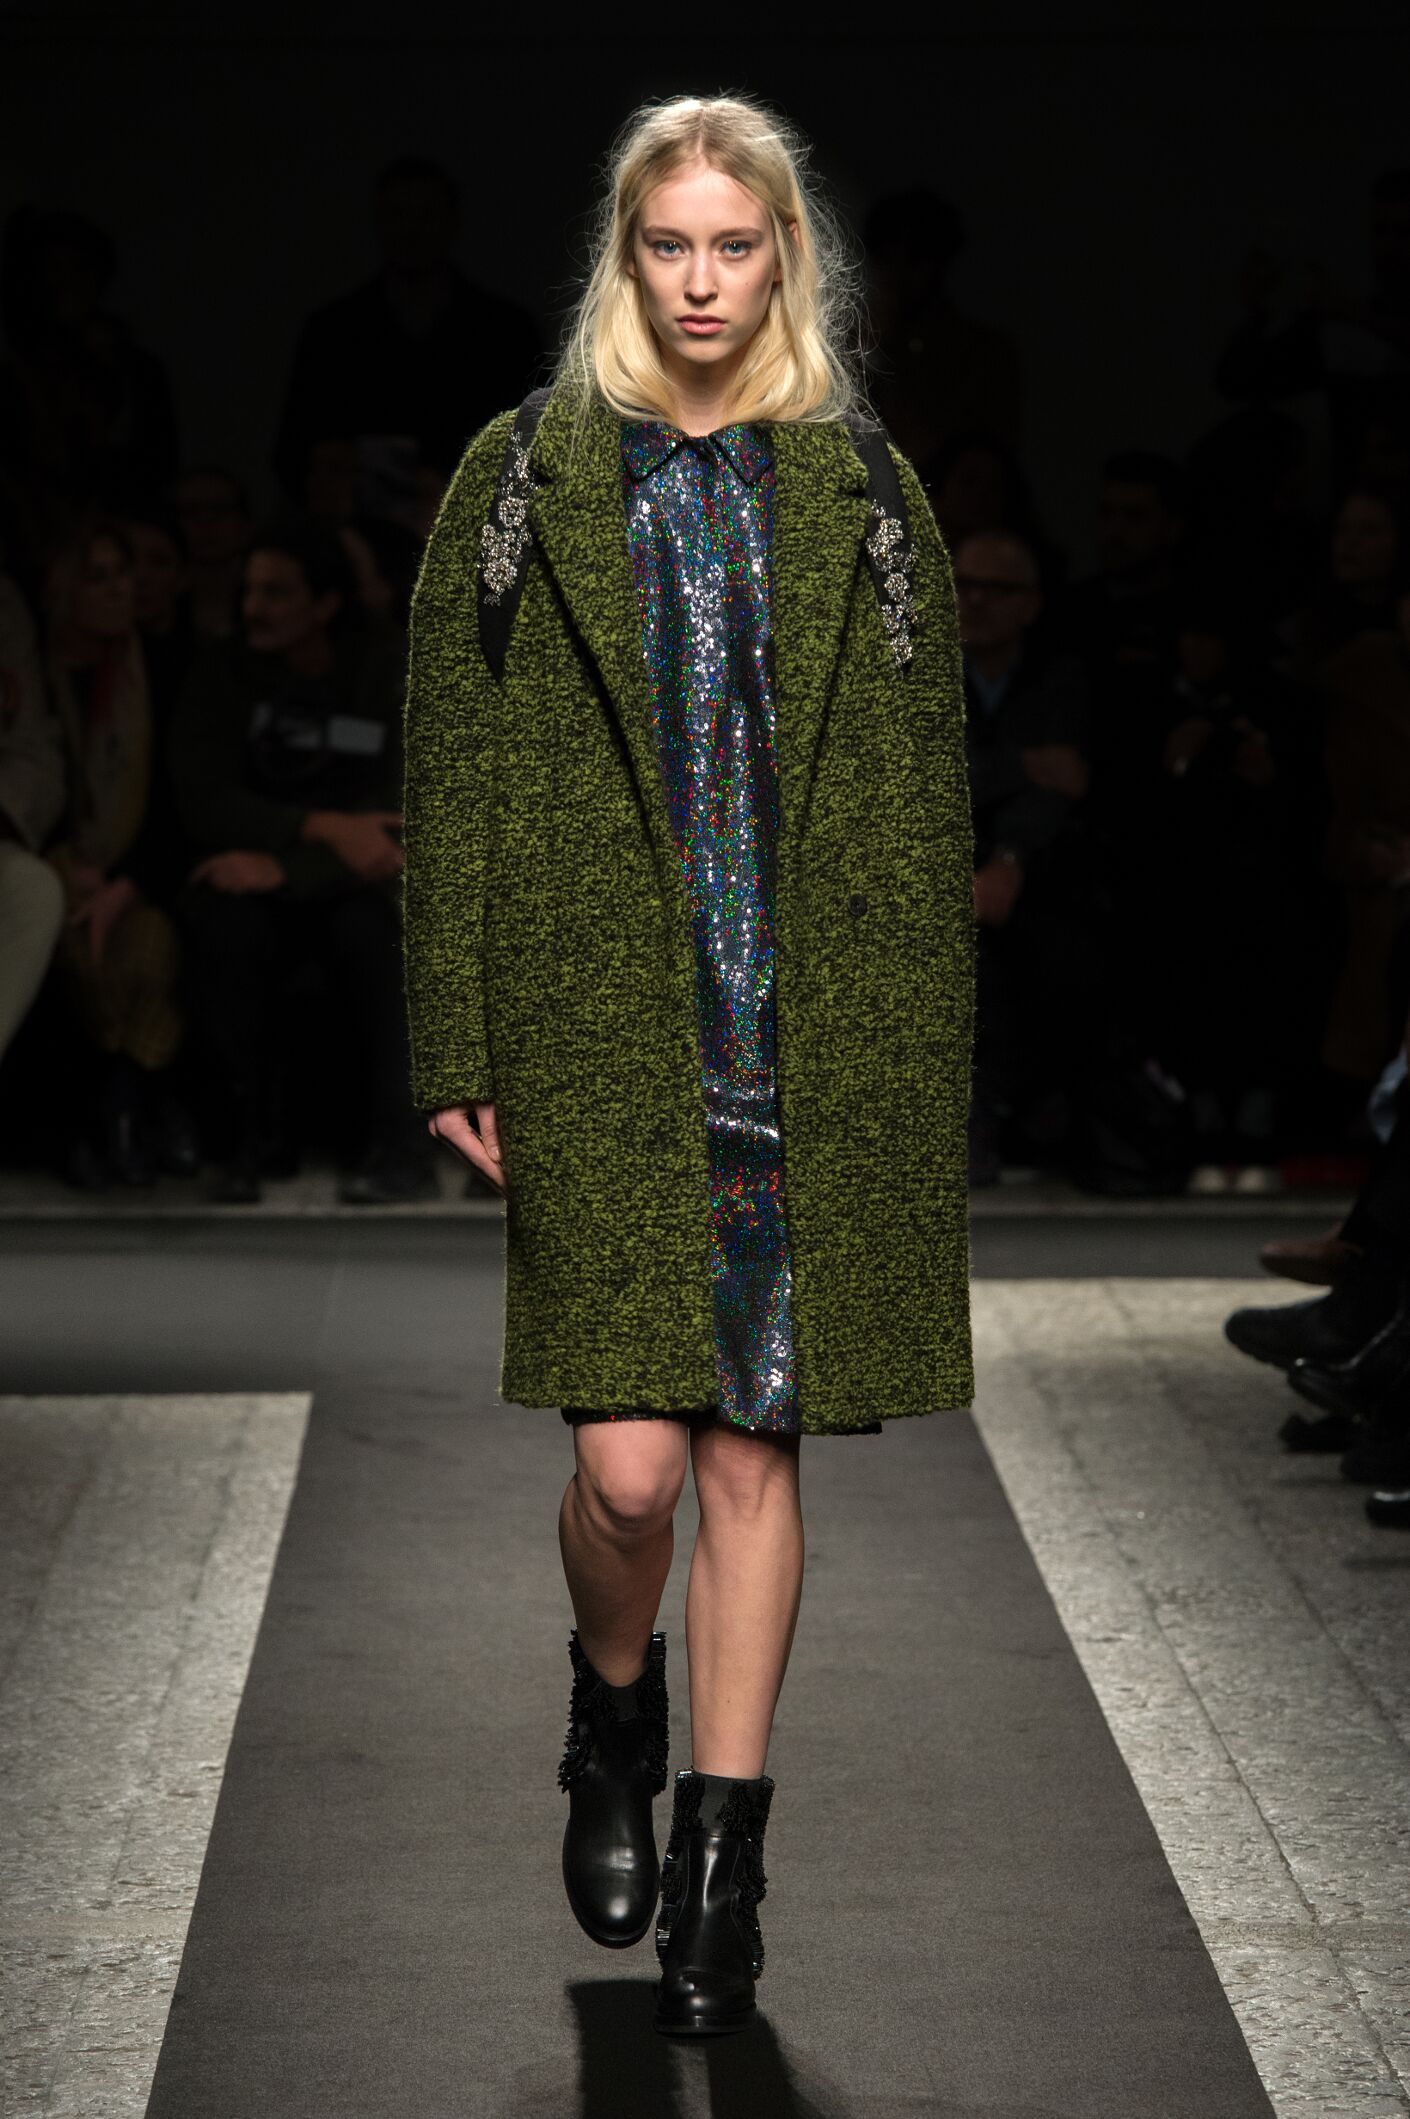 Fashion Model N°21 Catwalk